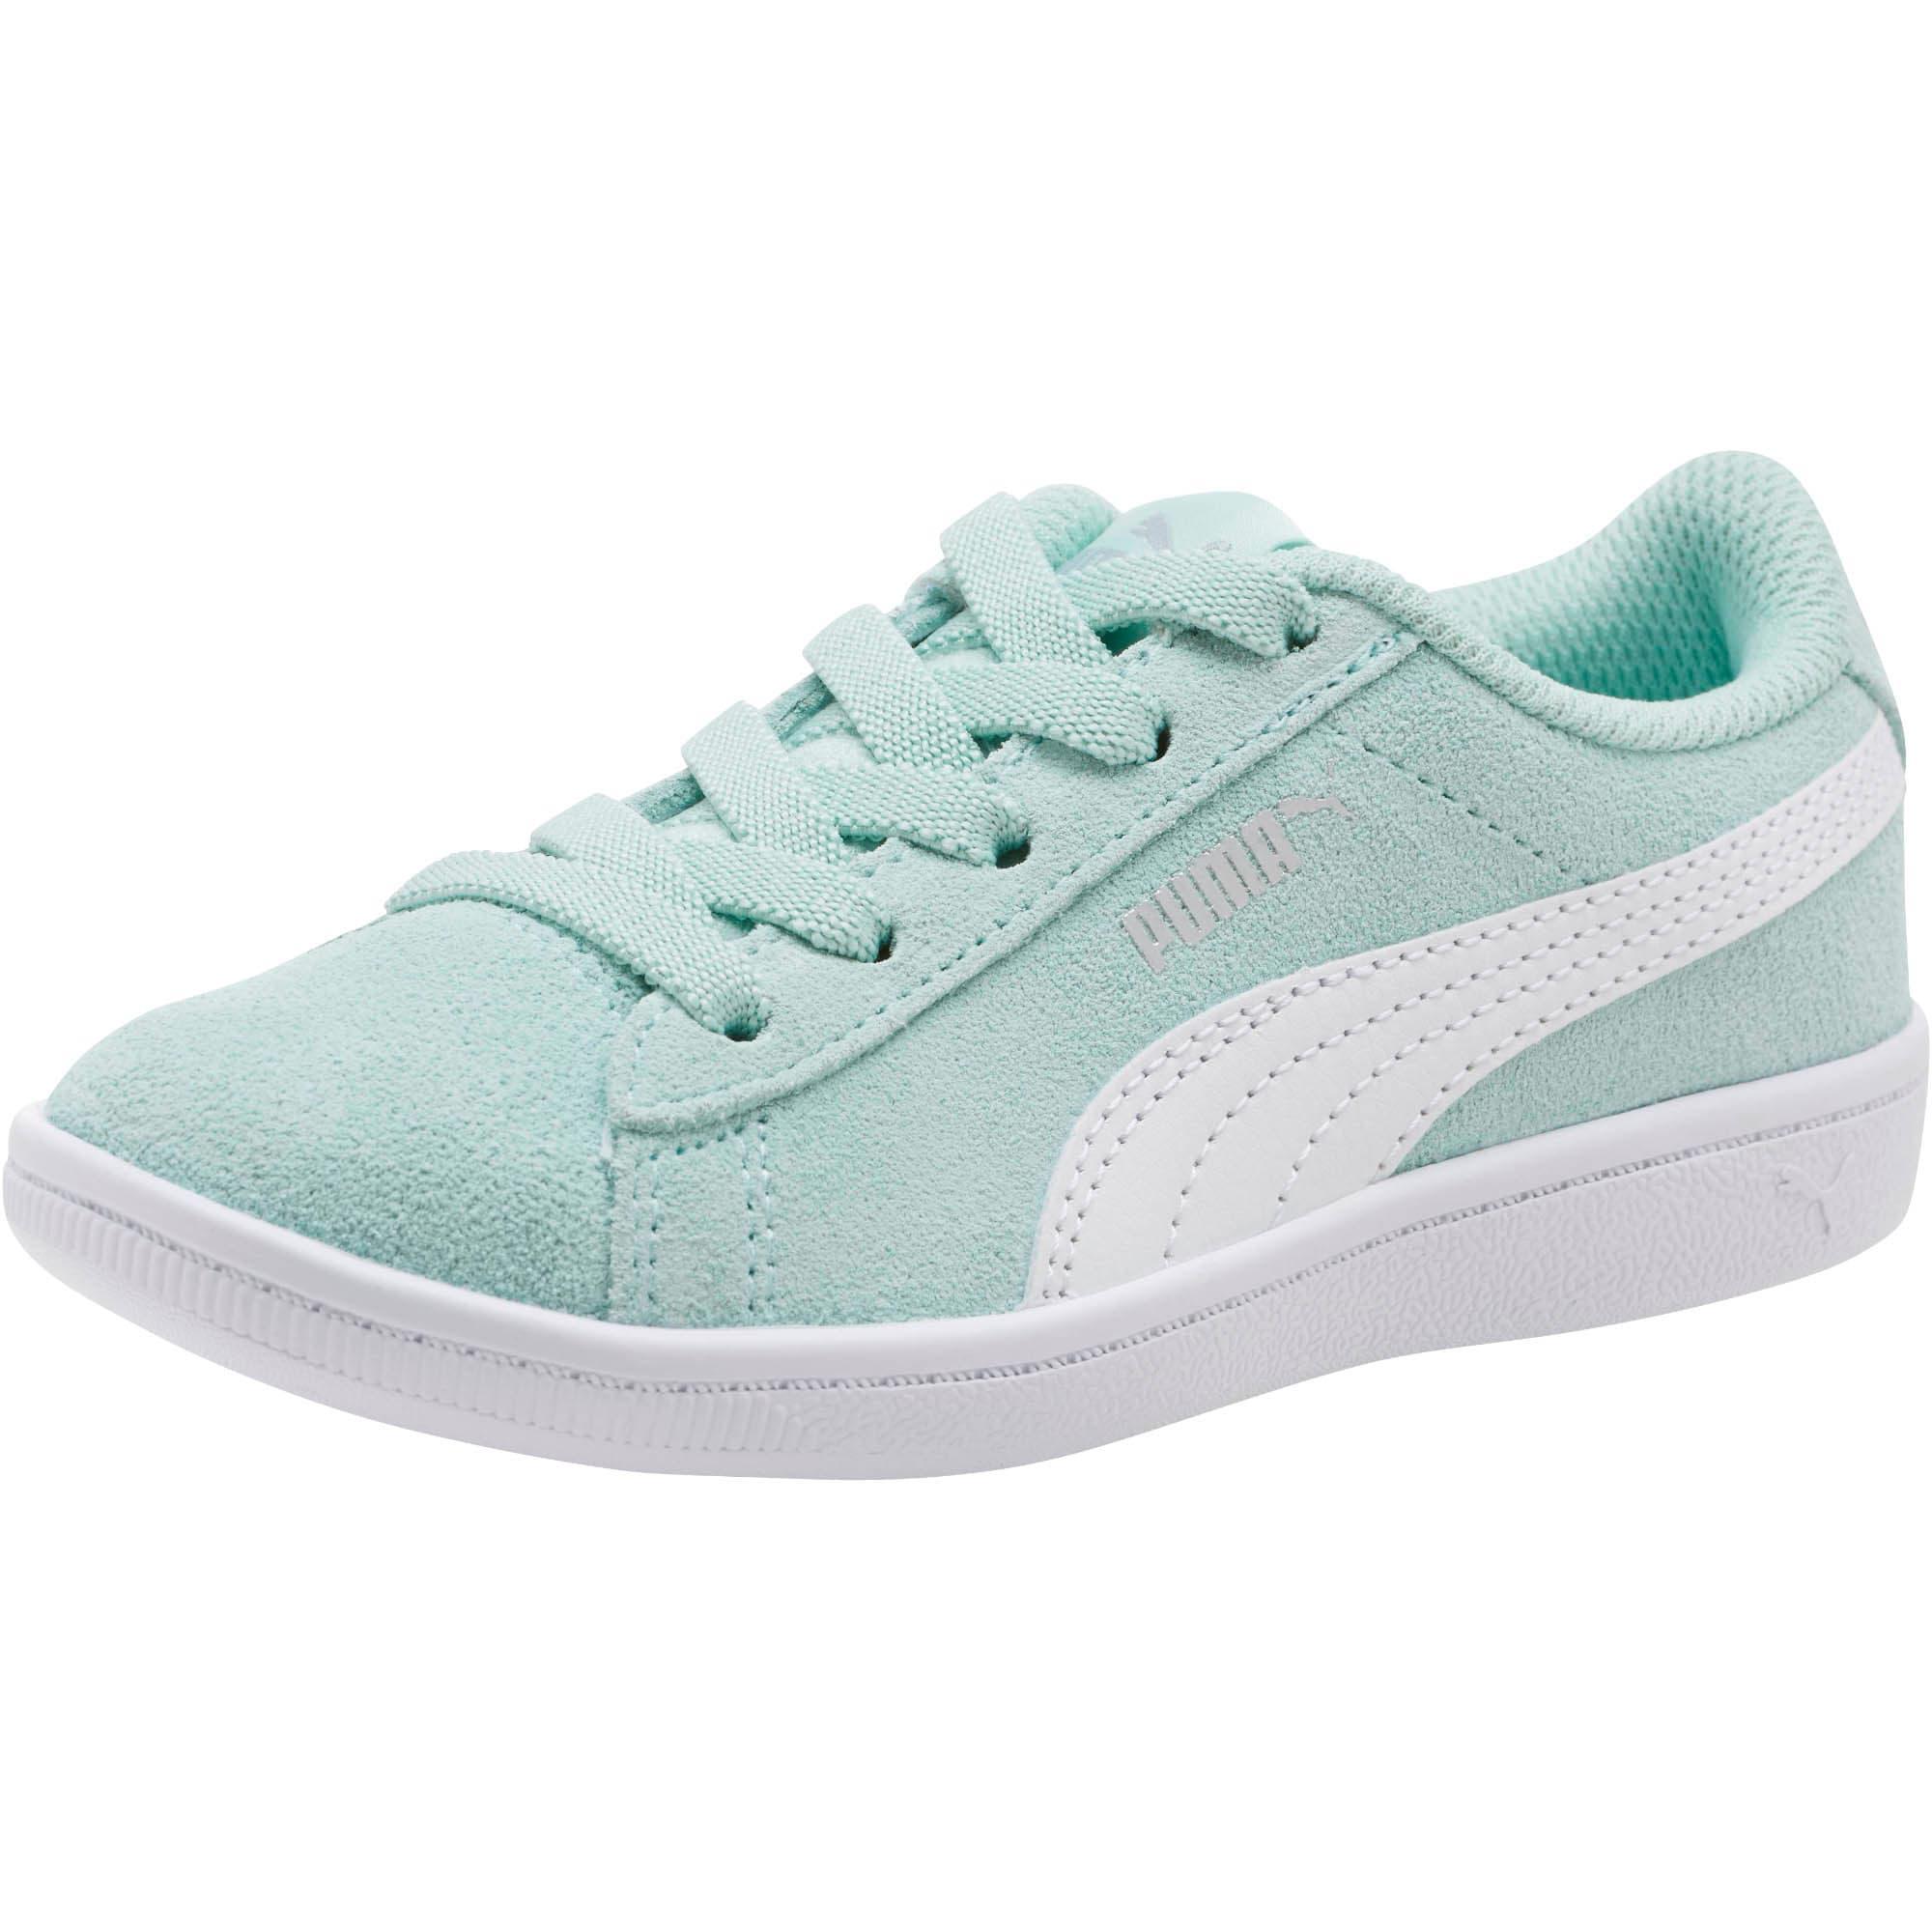 Thumbnail 1 of PUMA Vikky AC Little Kids' Shoes, Fair Aqua-Puma White, medium